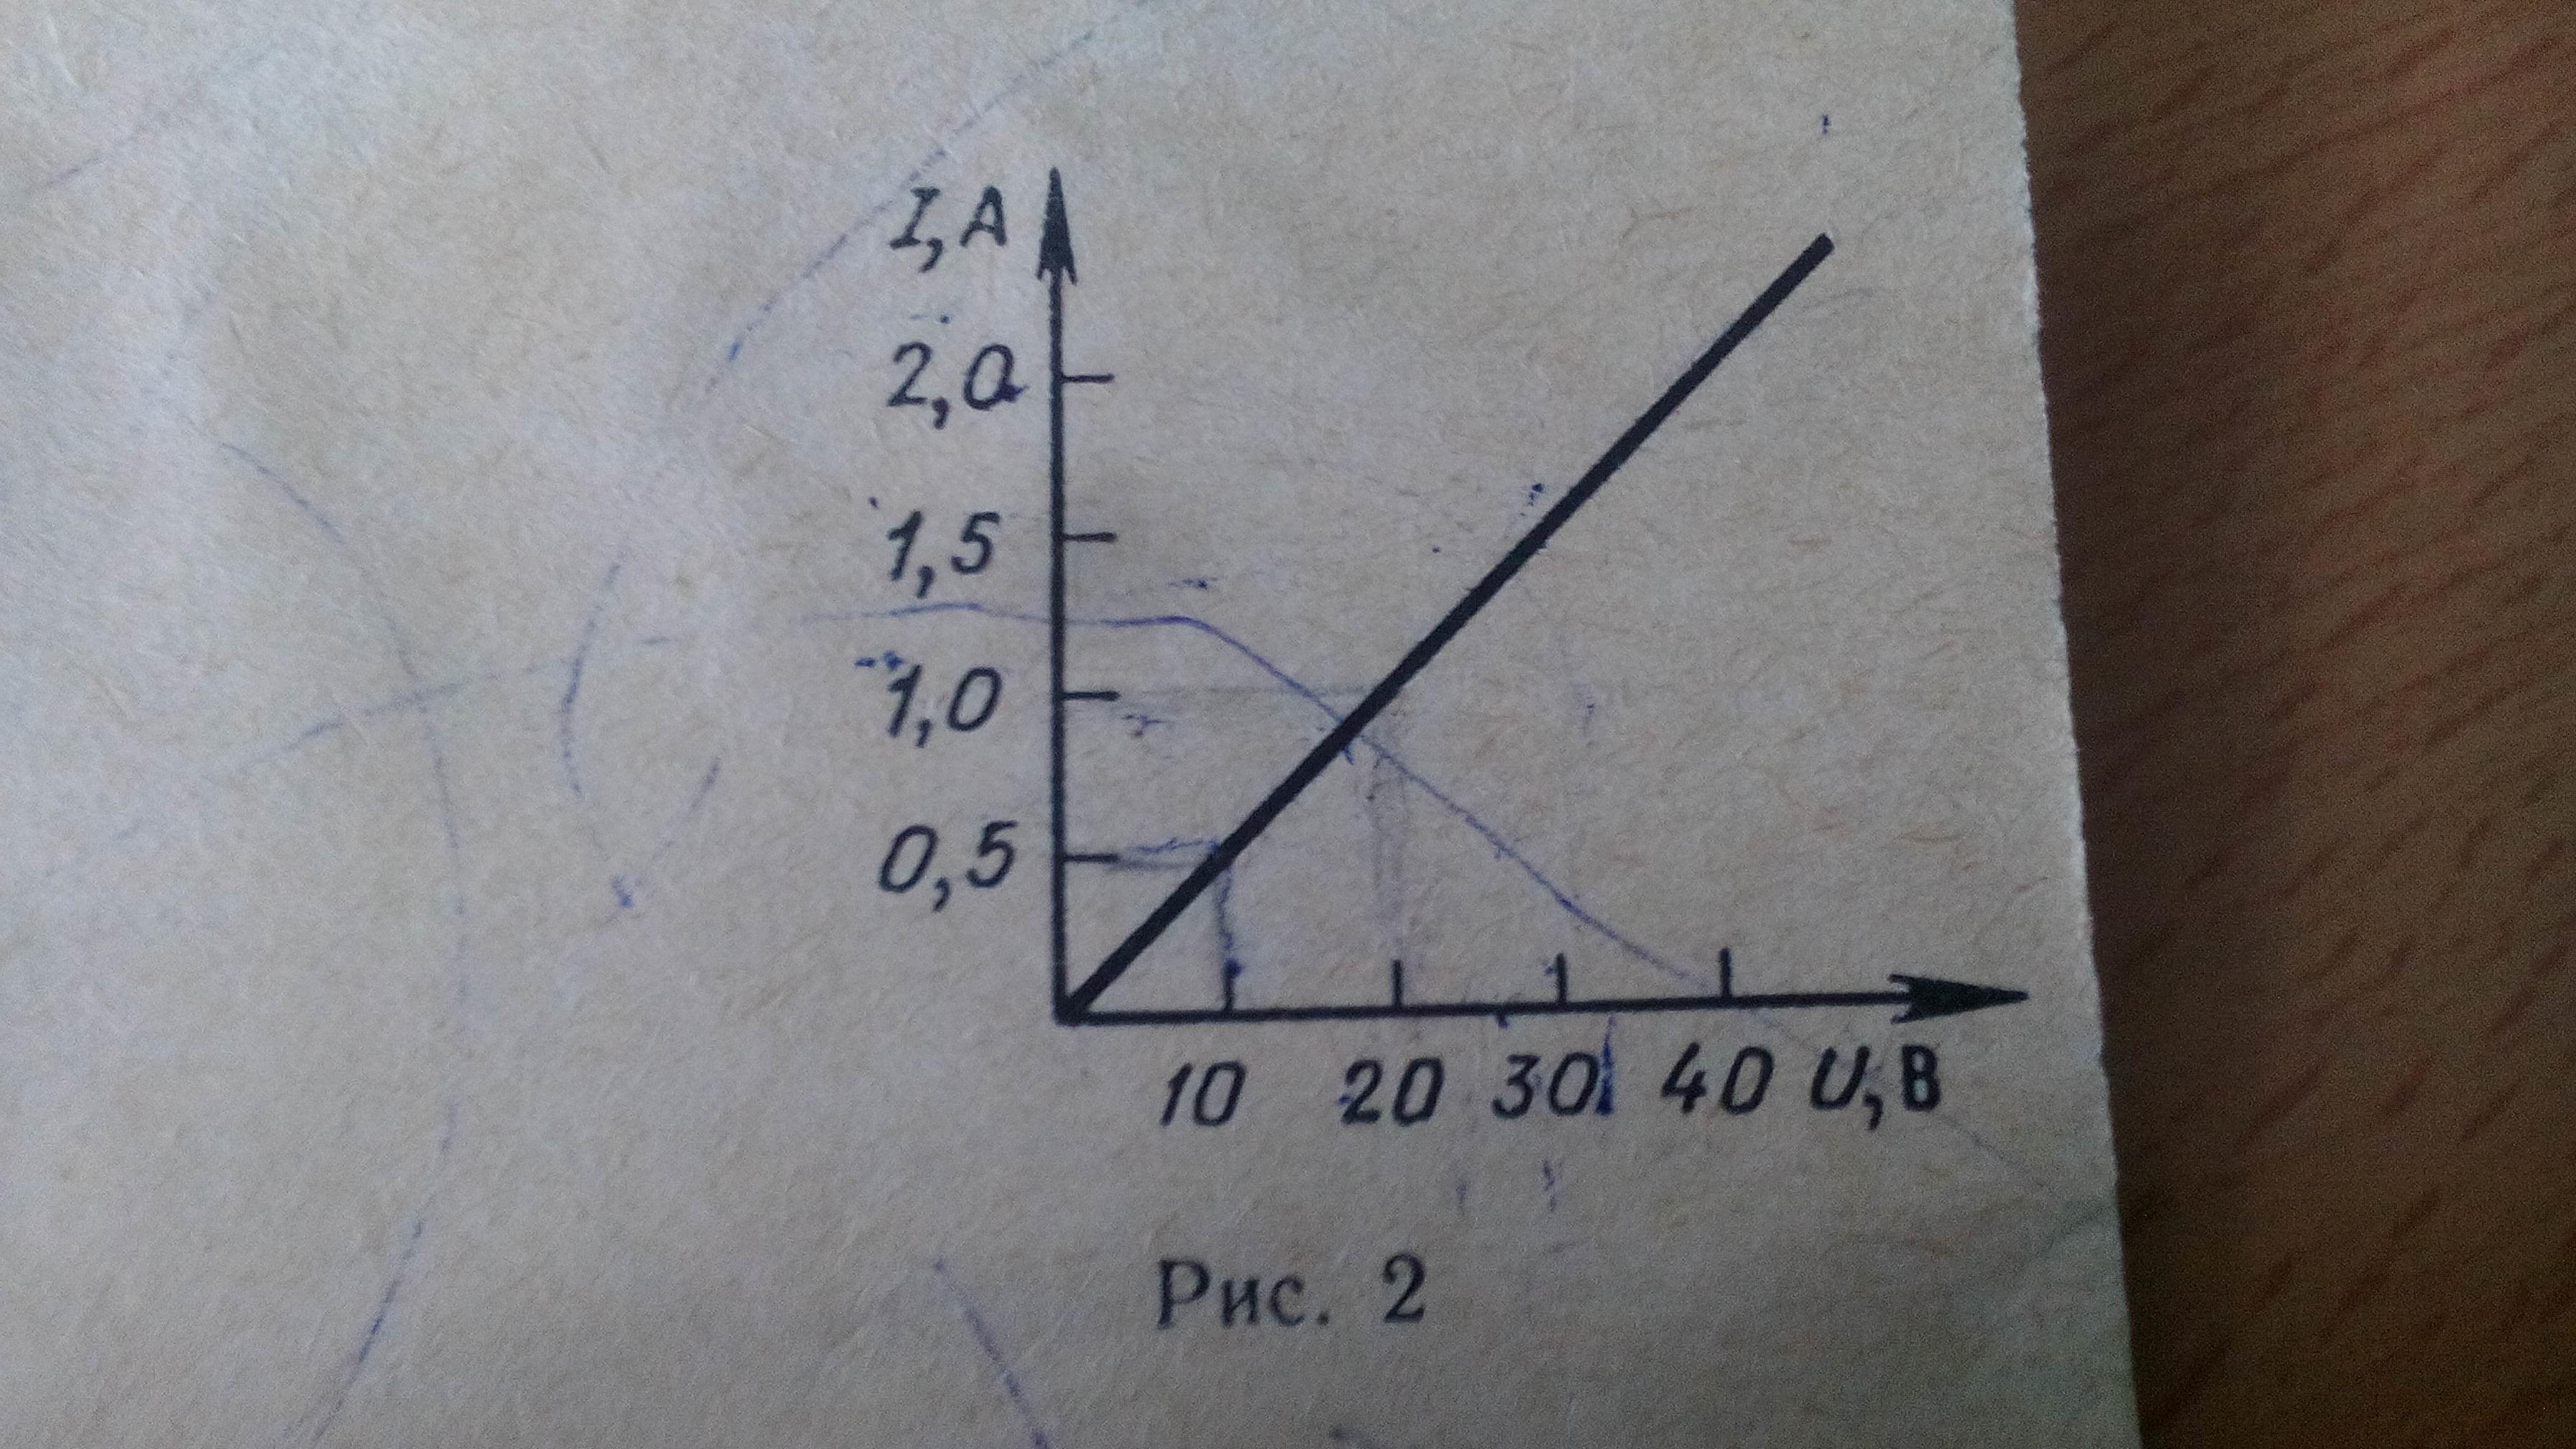 Пользуясь графиком (рис.2), определитель сопротивление проводника.